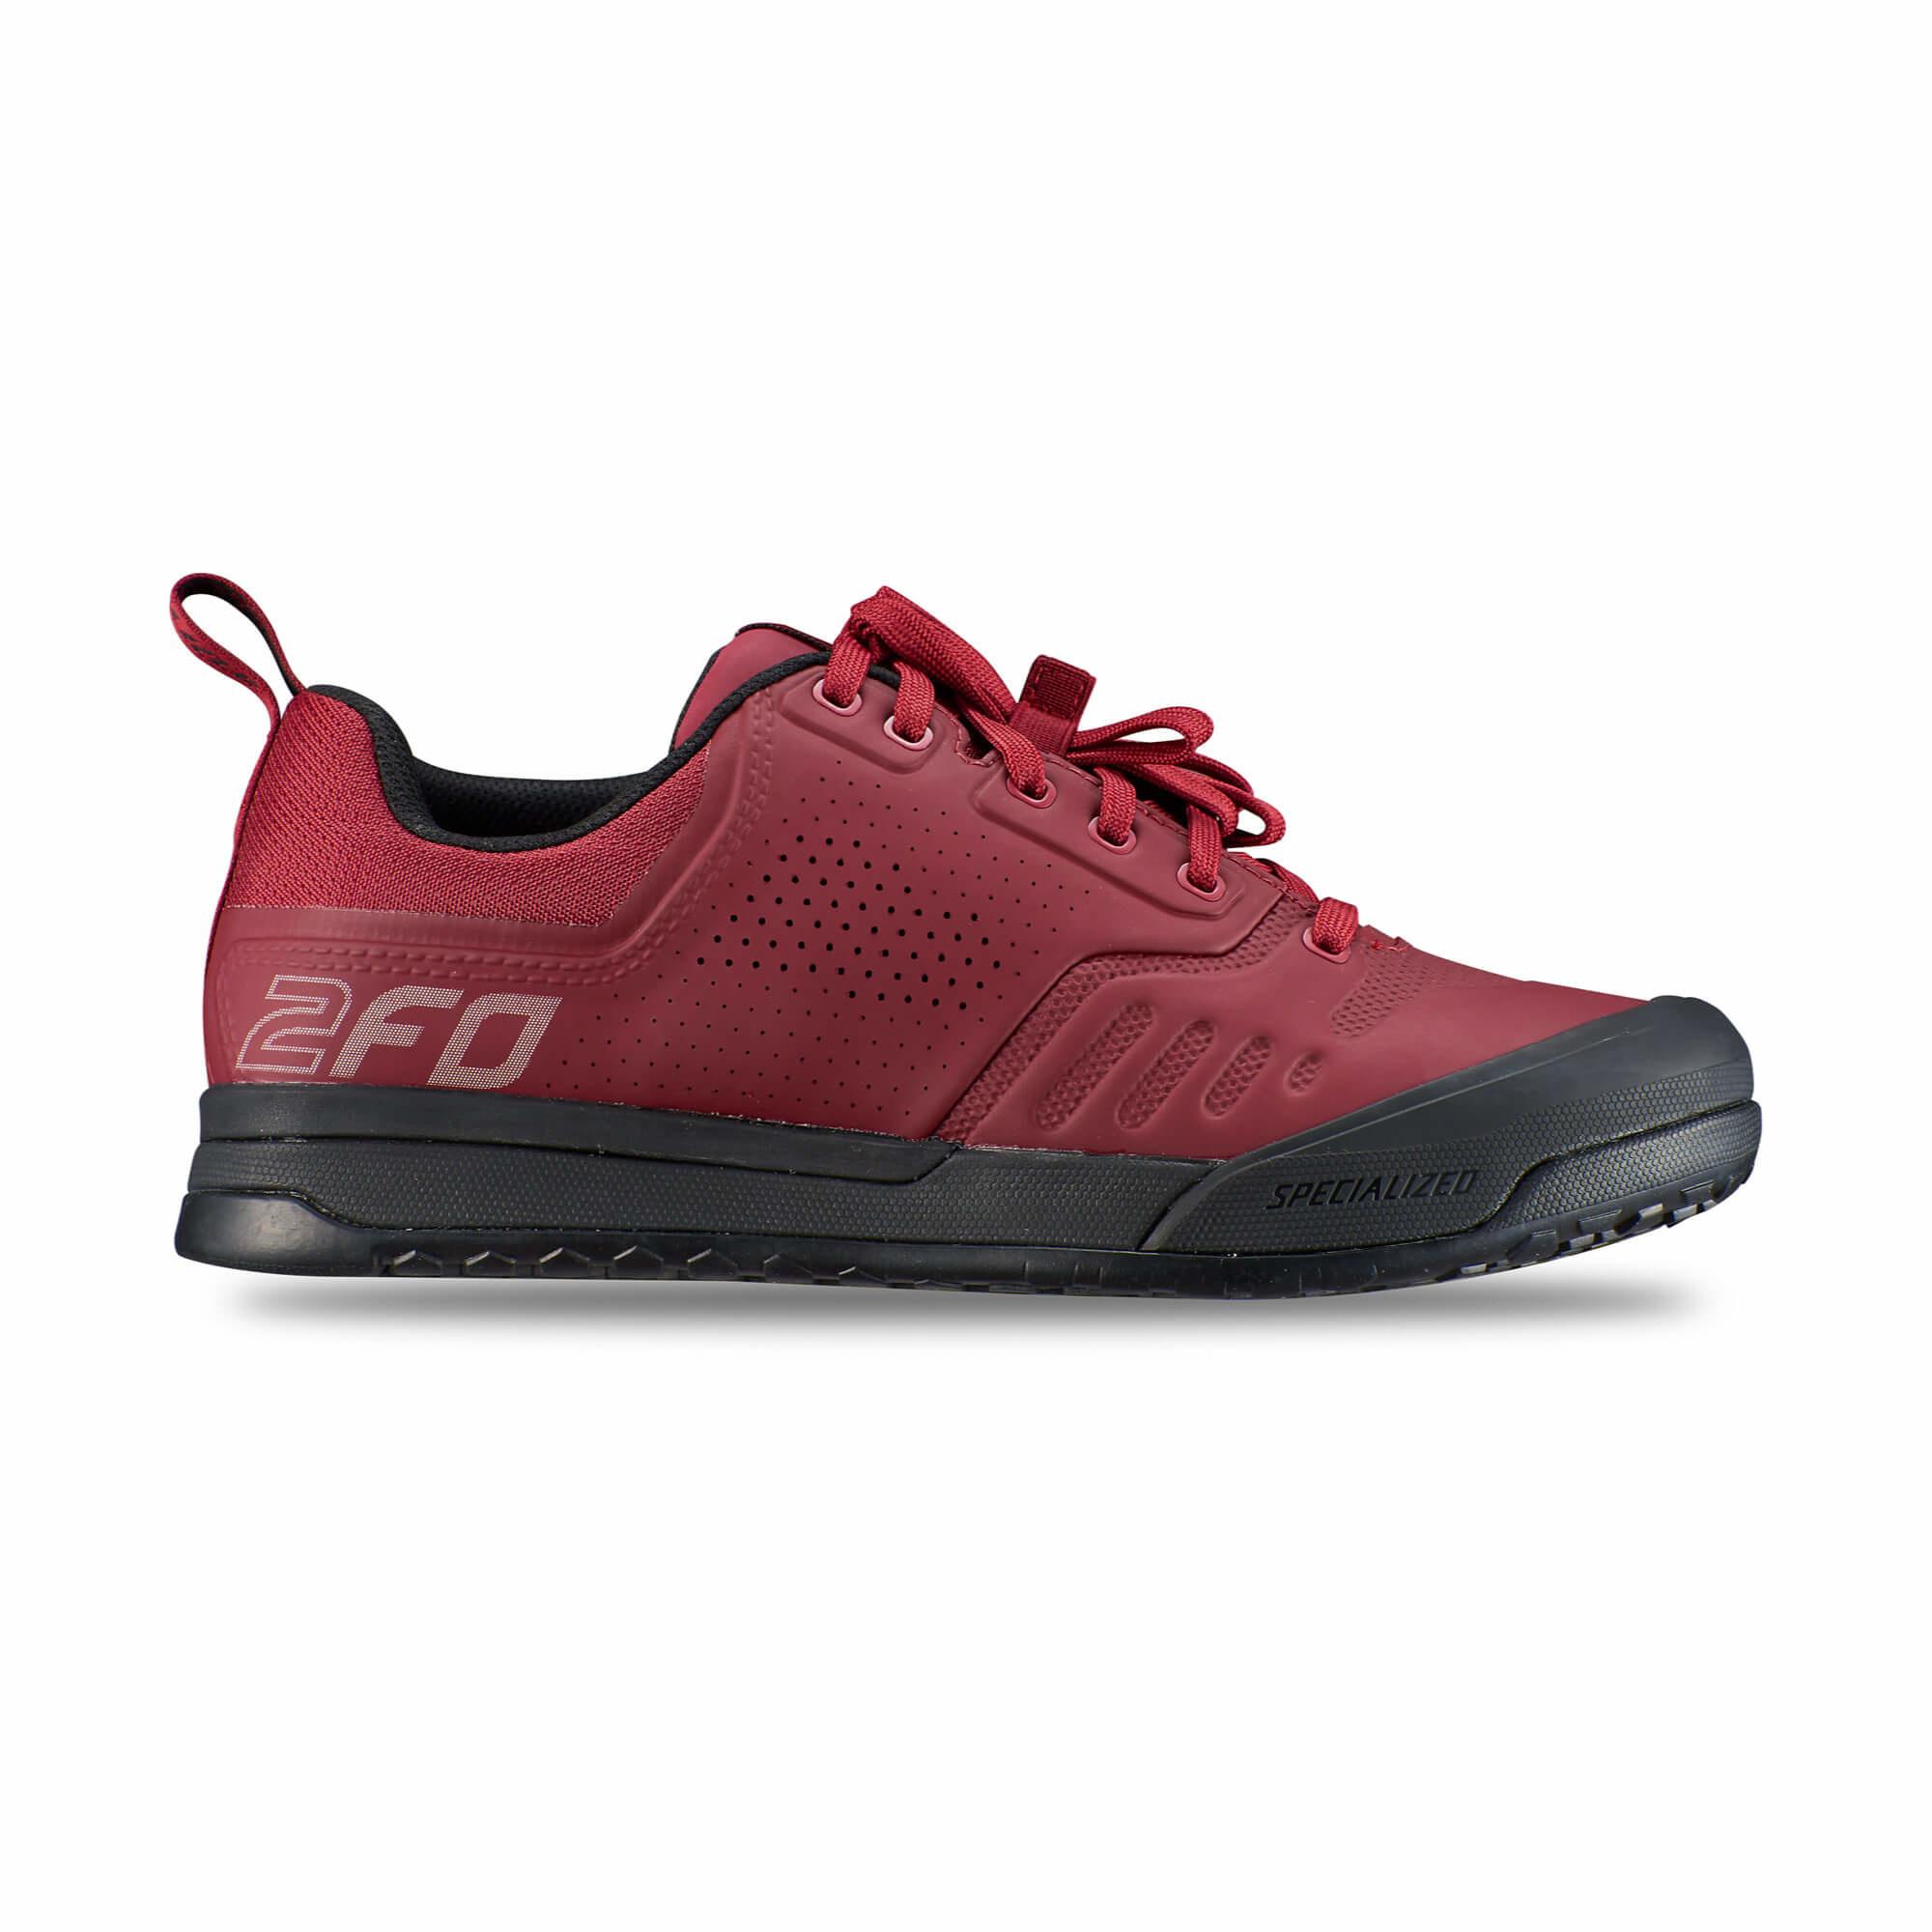 2FO Flat 2.0 MTB Shoe-5